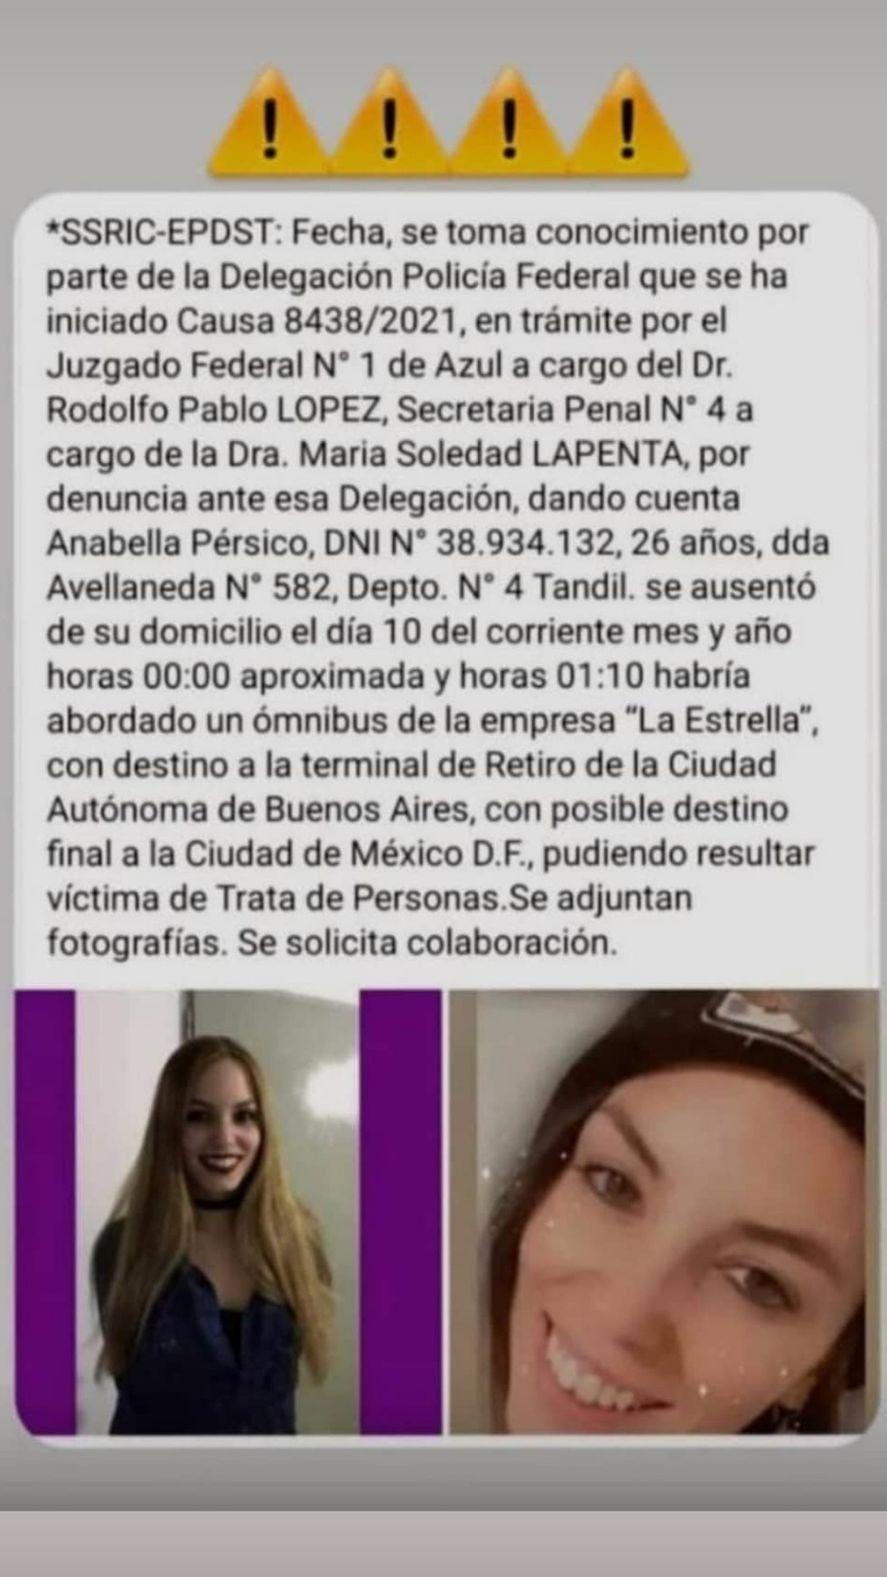 La búsqueda de Anabella, desaparecida en Tandil, se compartió en redes sociales